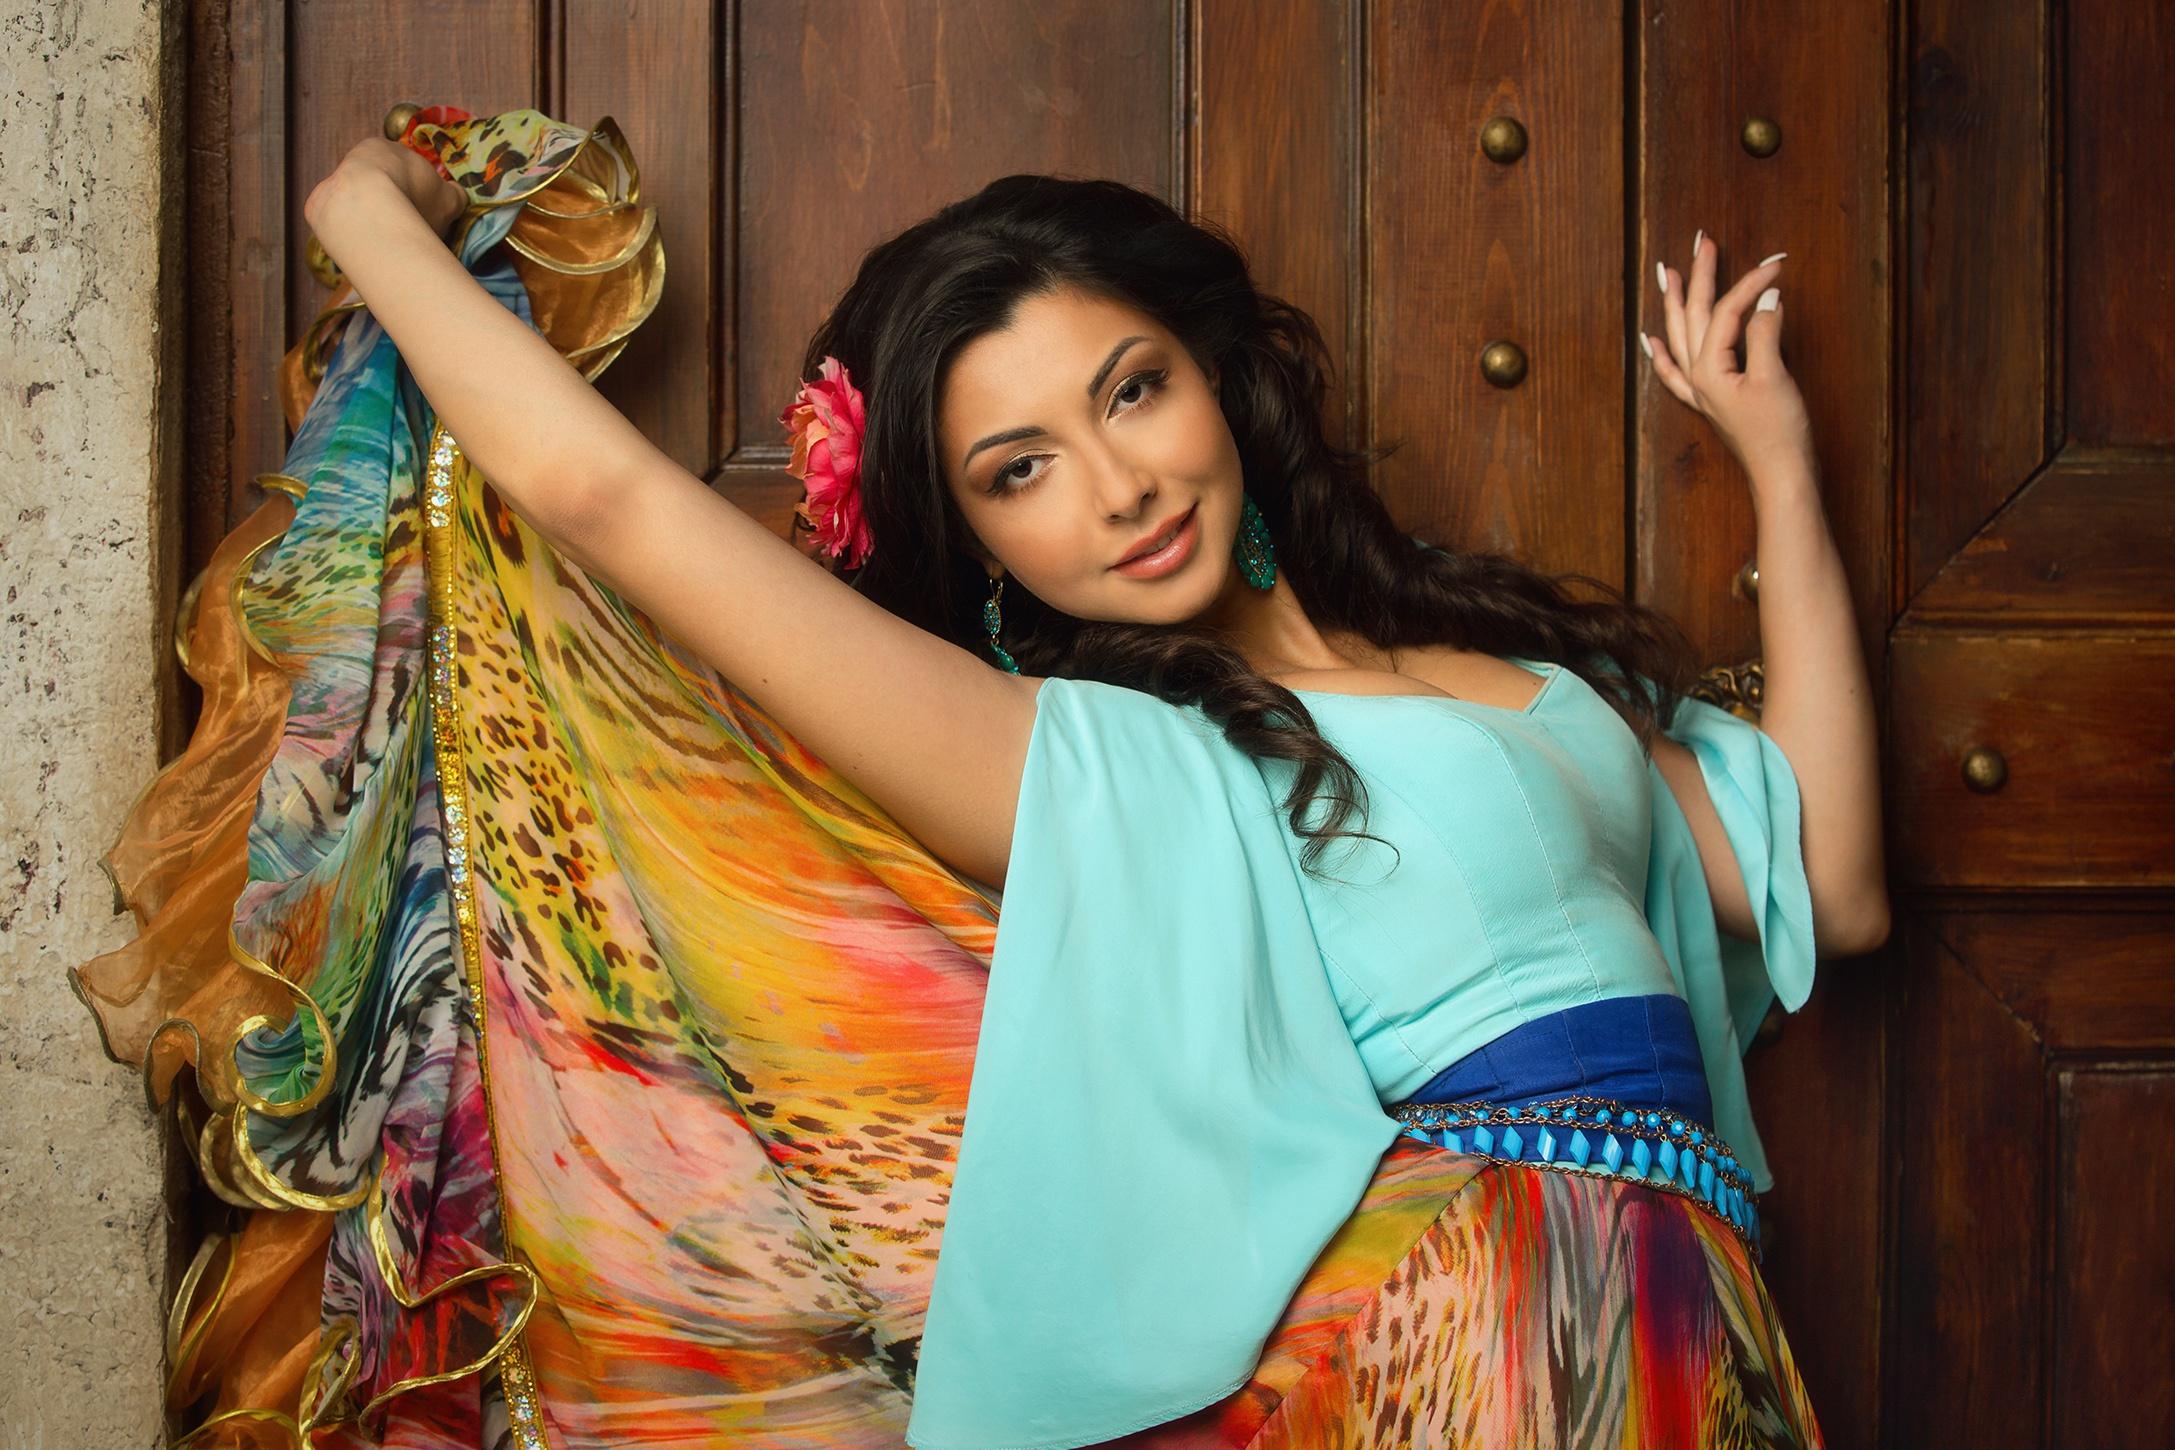 Brunette Girl Gypsy Skirt 2175x1450